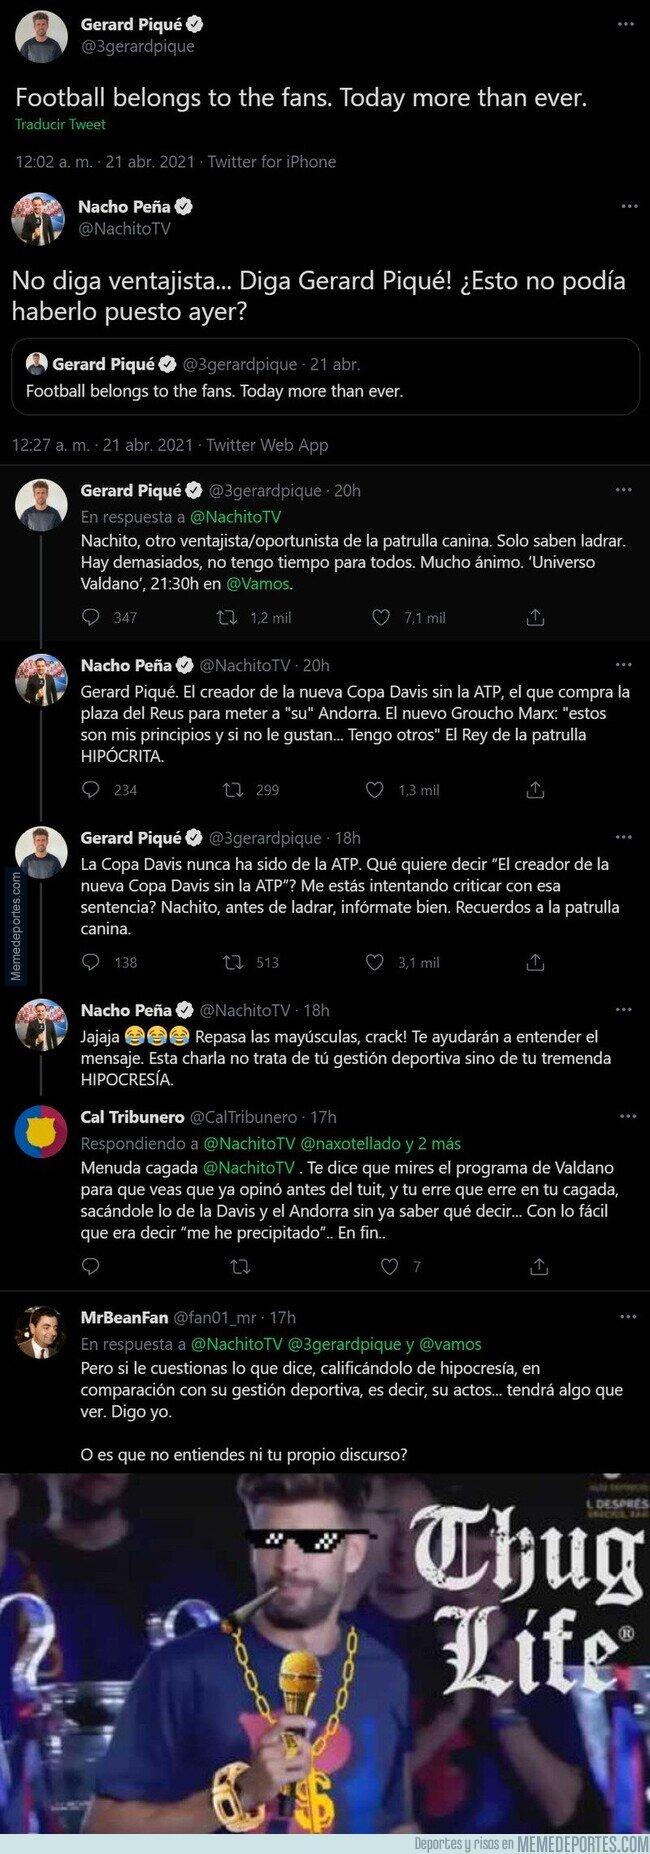 1133409 - Gerard Piqué acaba de destrozar por completo al 'periodista' Nacho Peña con todos estos tuits